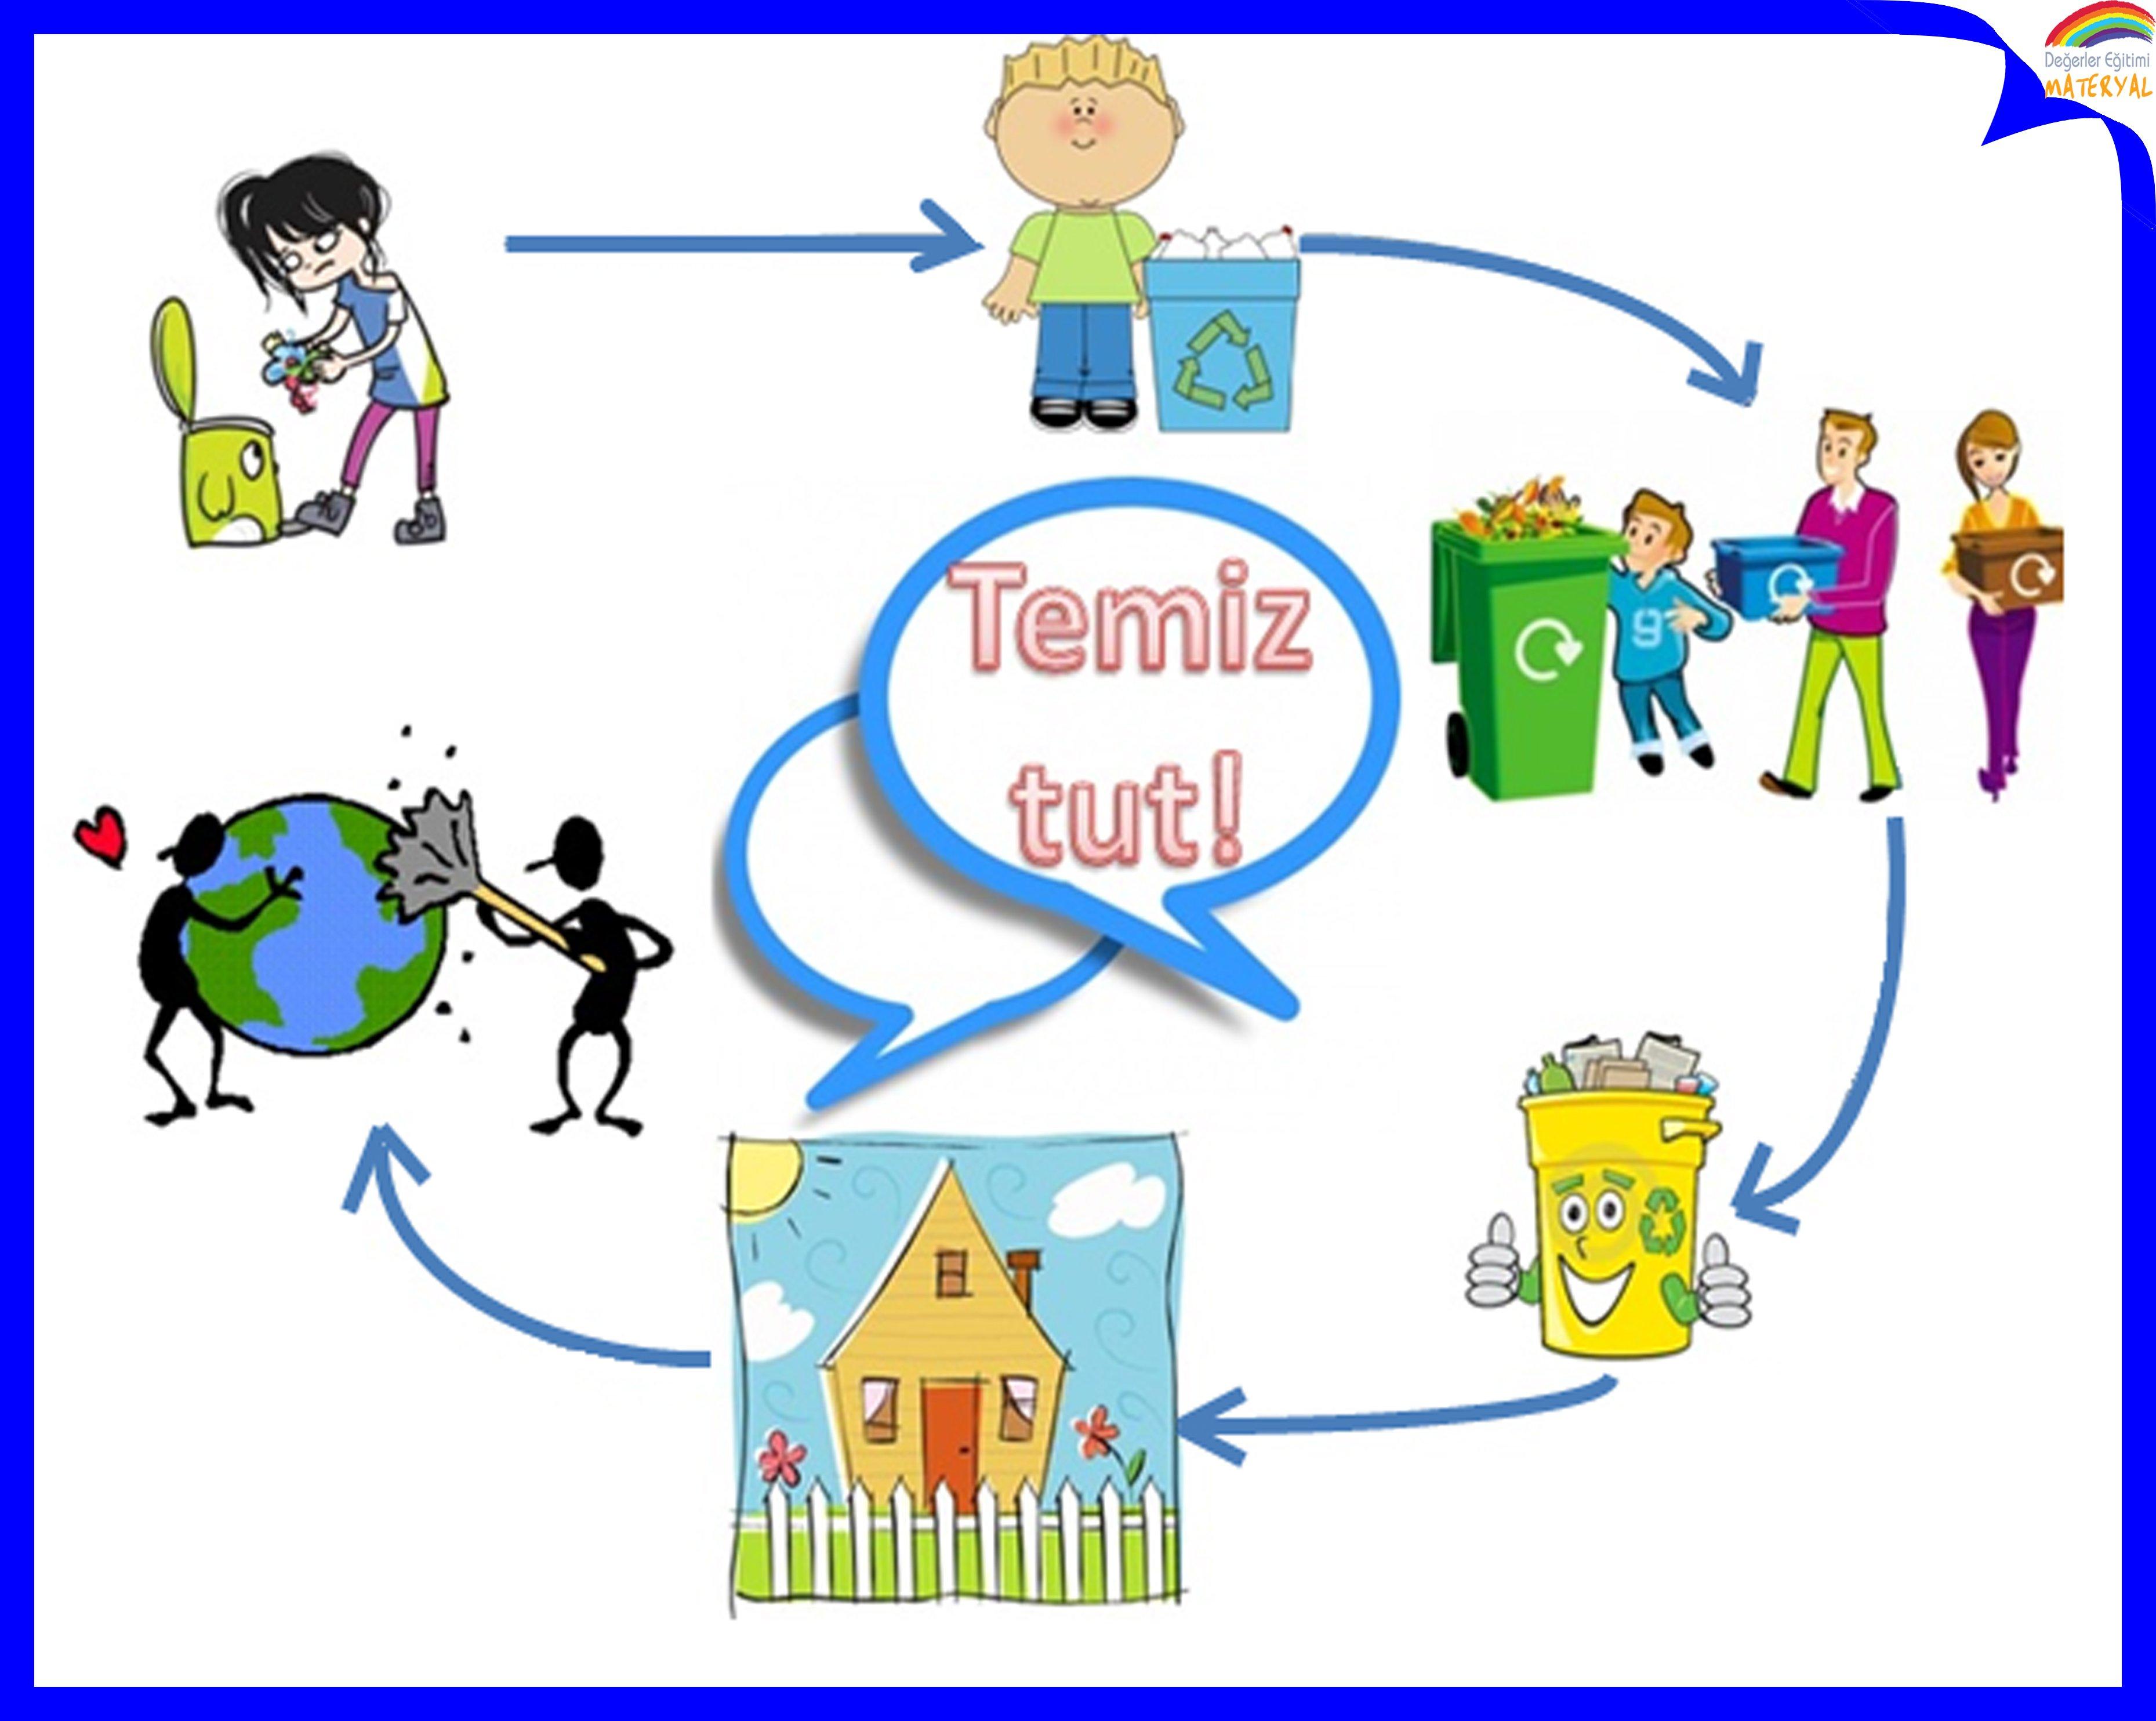 Çevreni Temiz Tutma Sorumluluğu Afiş Çalışması